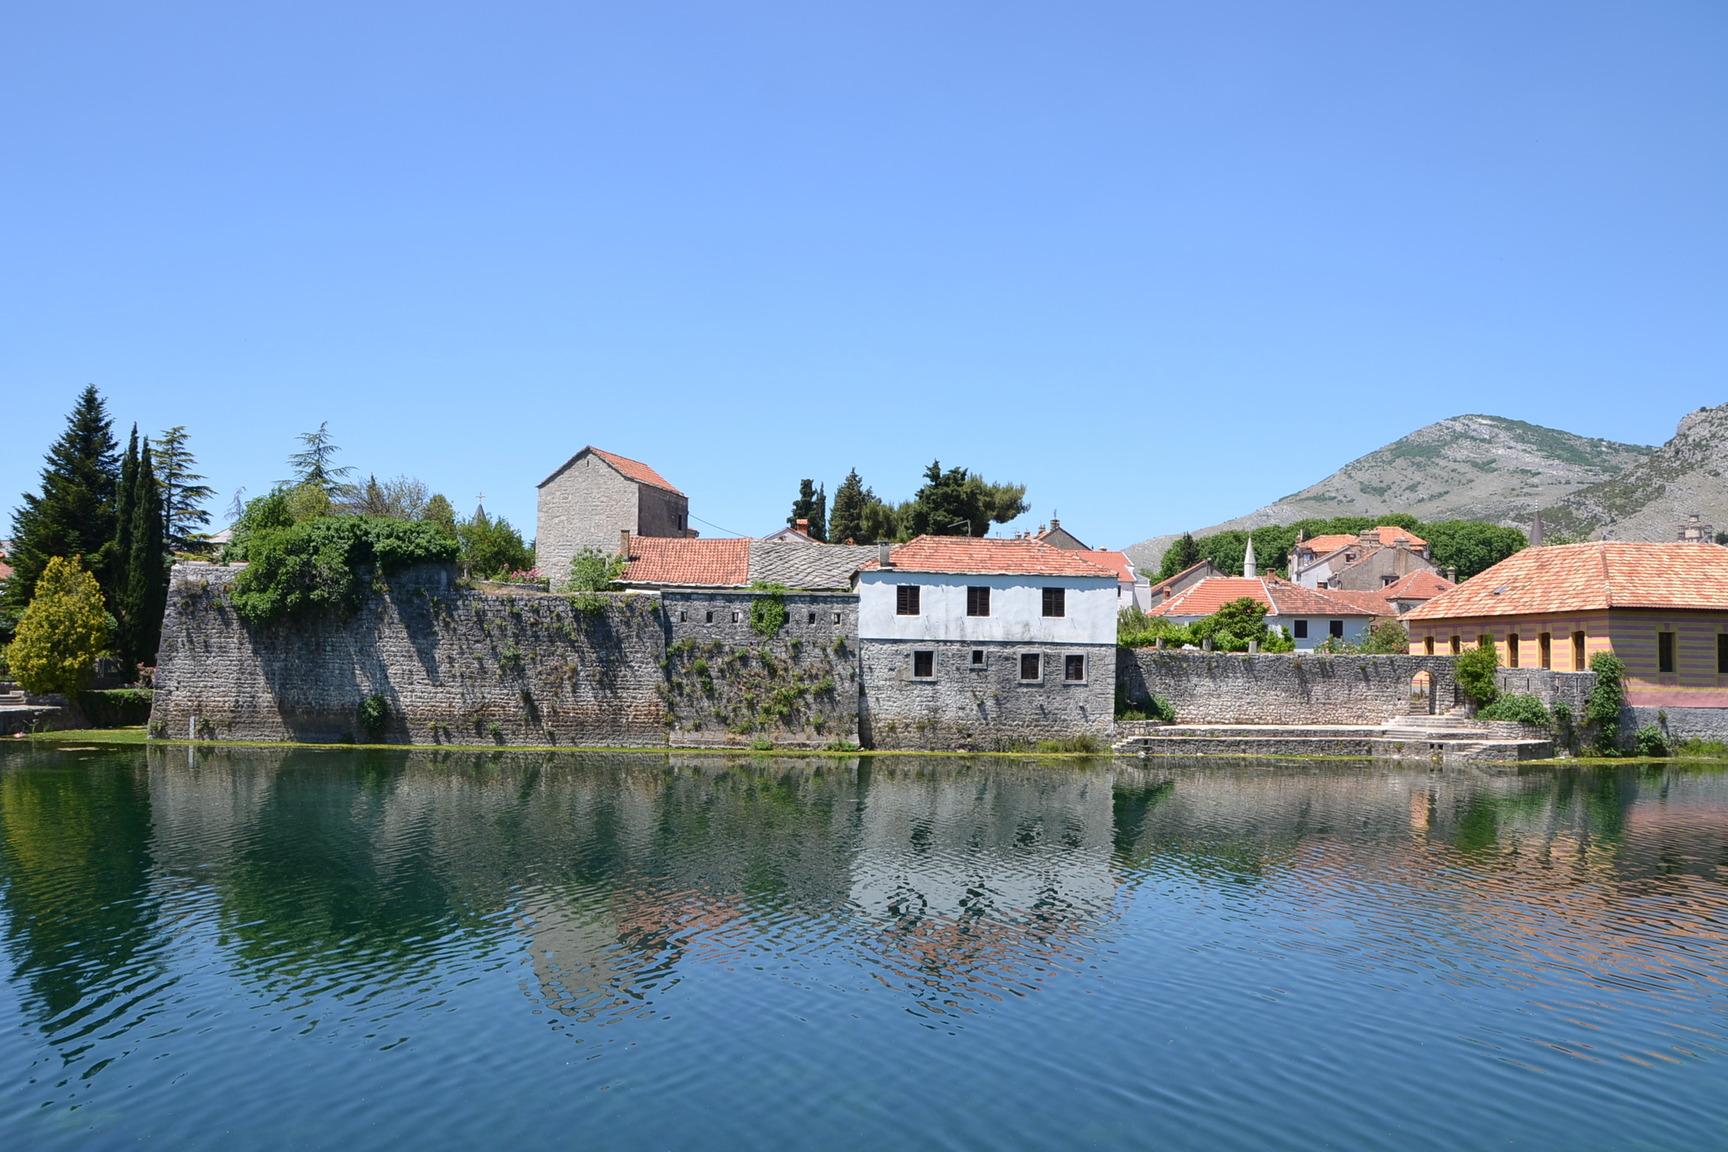 Altstadt Von Trebinje Bosnien-Herzegowina